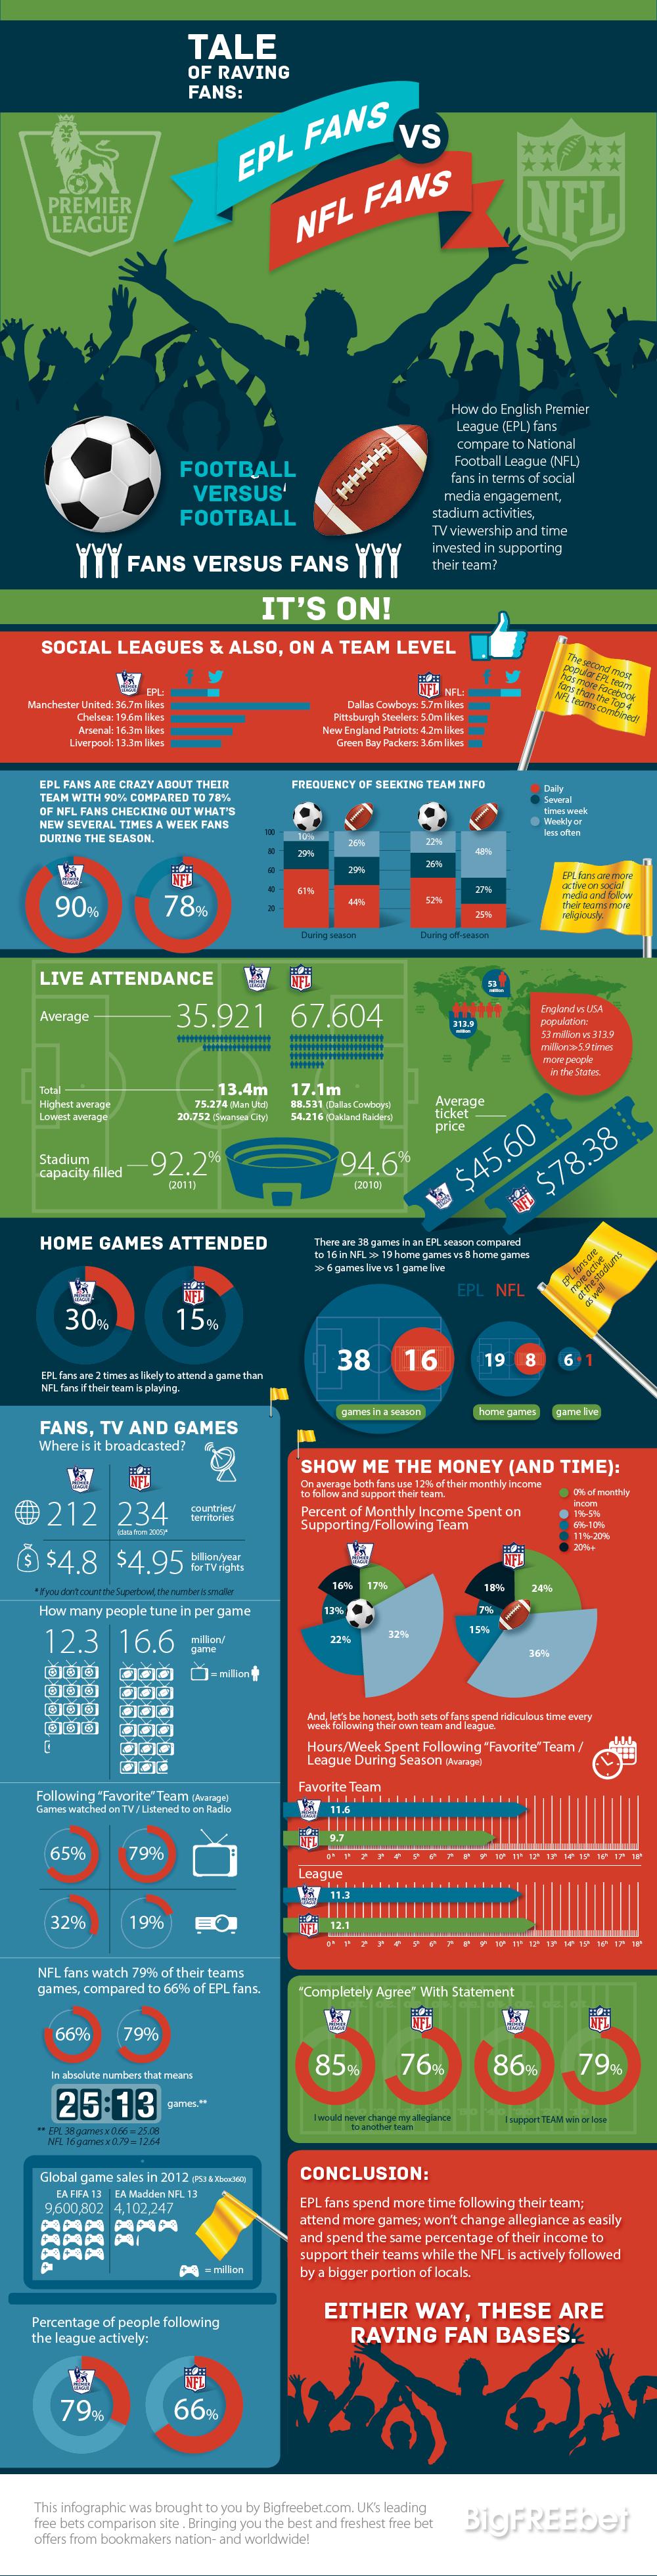 European Premier League Fans vs National Football League Fans